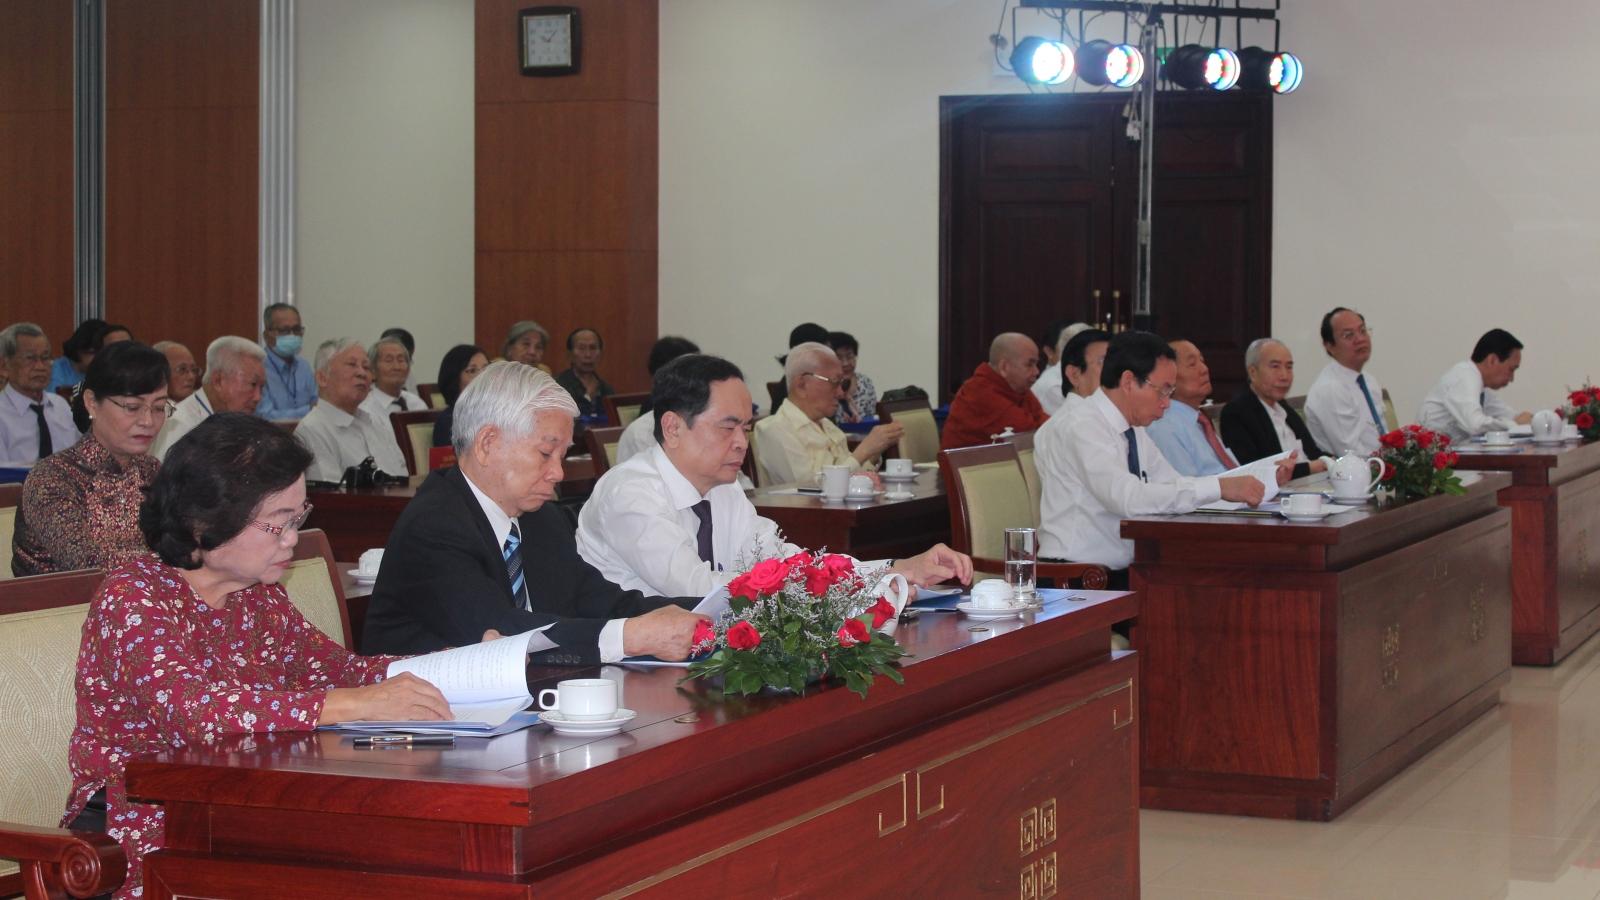 Họp mặt kỷ niệm 60 năm ngày thành lập Mặt trận Dân tộc giải phóng miền Nam Việt Nam